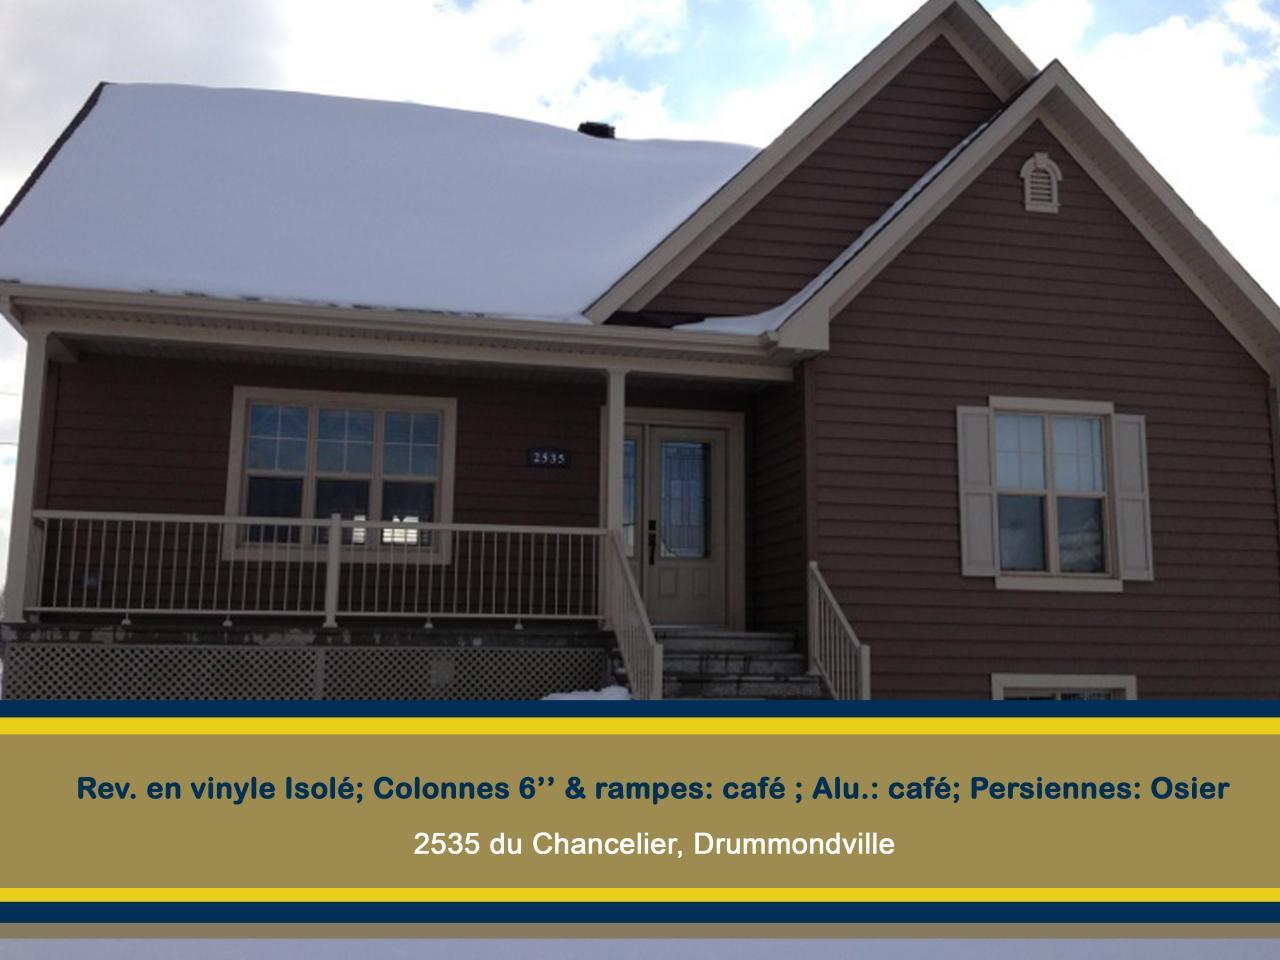 2535 du Chancelier Drummondville